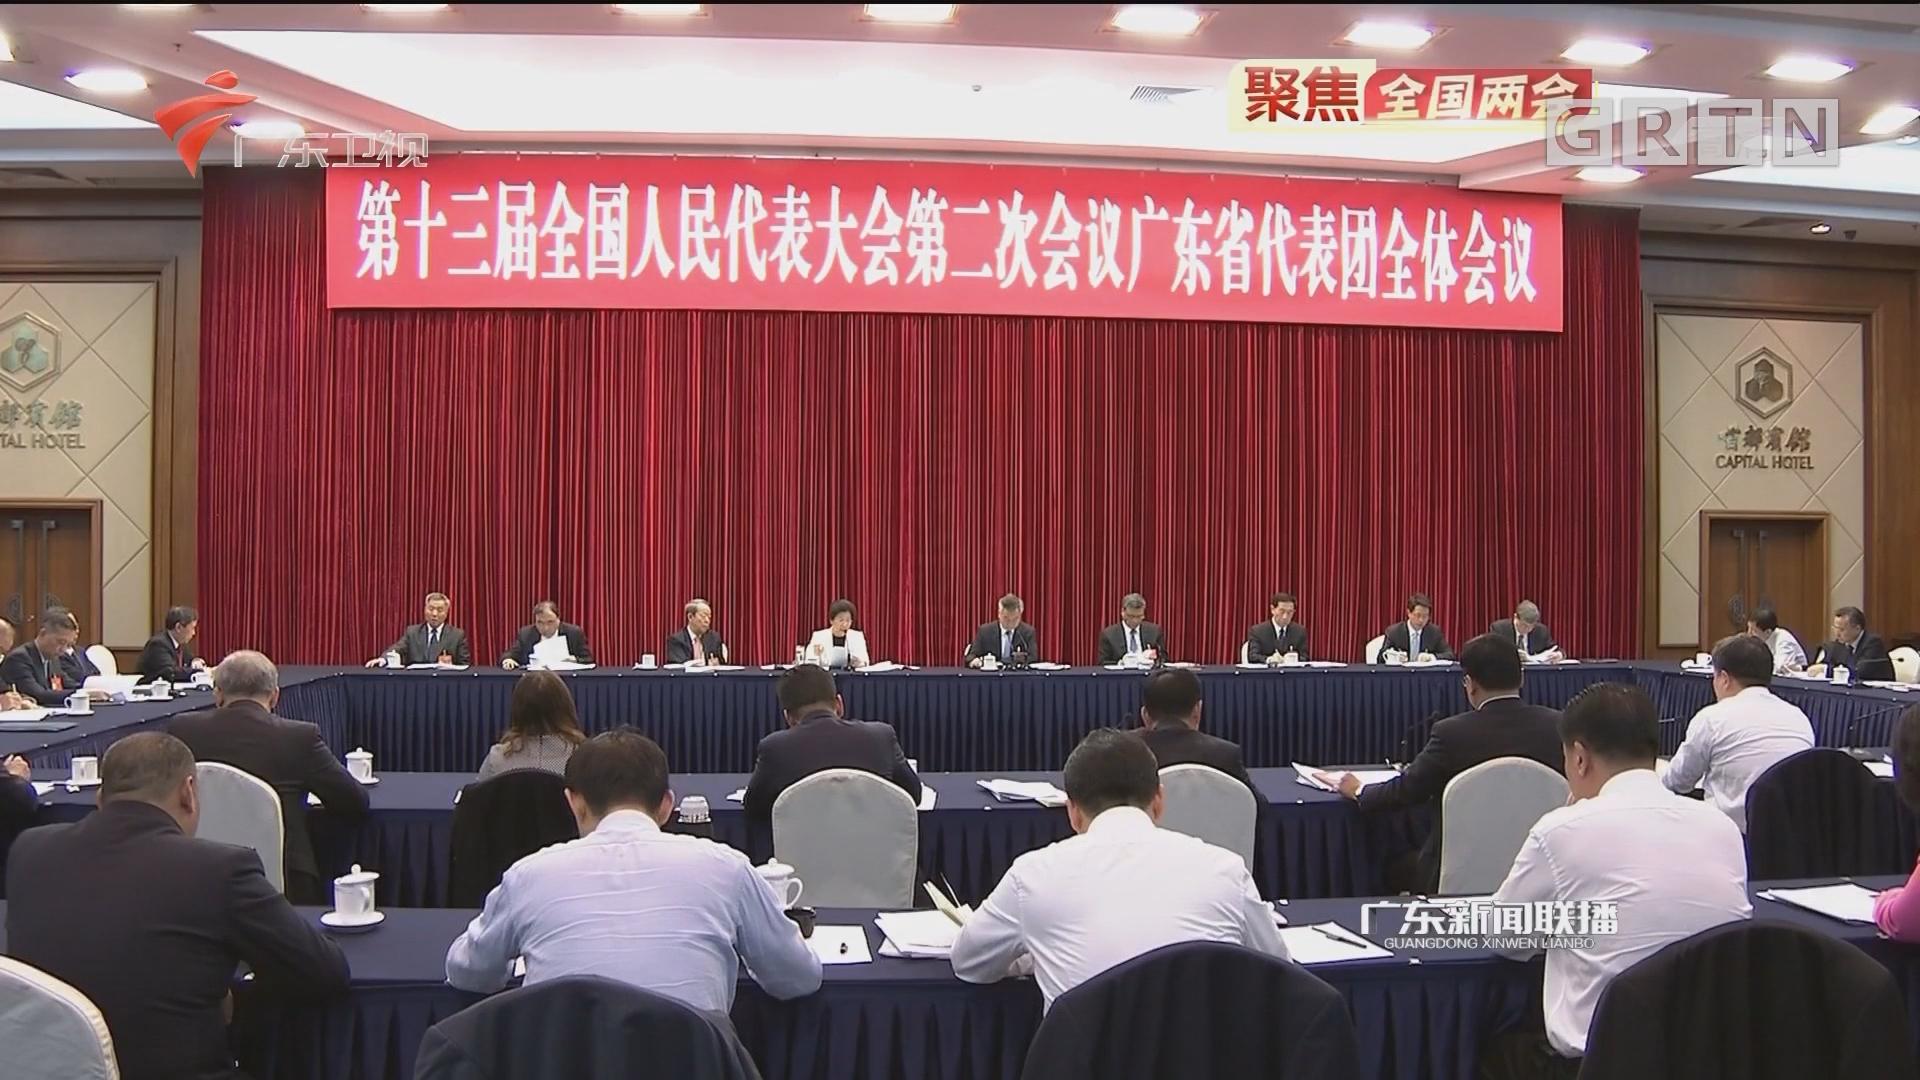 广东代表团举行全体会议 审议政府工作报告 李希马兴瑞李玉妹发言